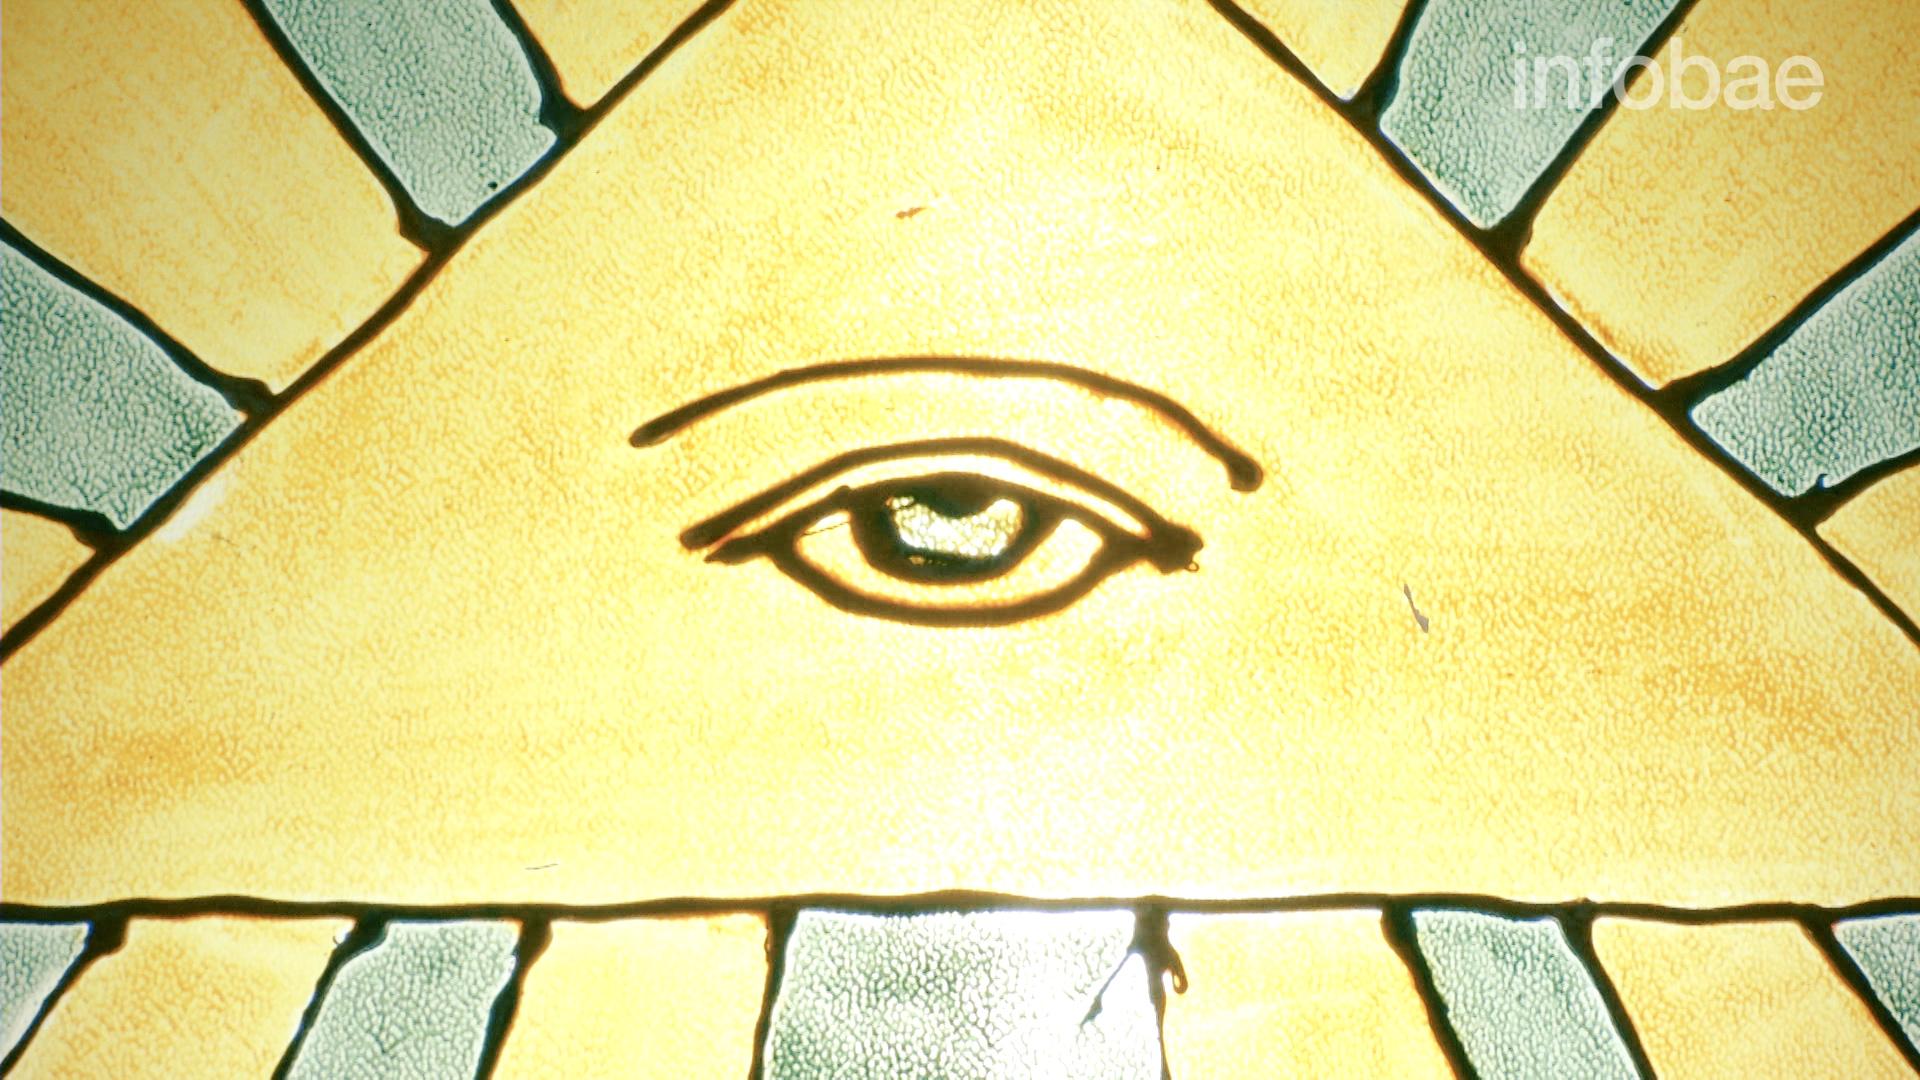 El ojo masónico, uno de los símbolos: representa la primacía de la observación, el estado de alerta, la necesidad de mirar la realidad sin prejuicios